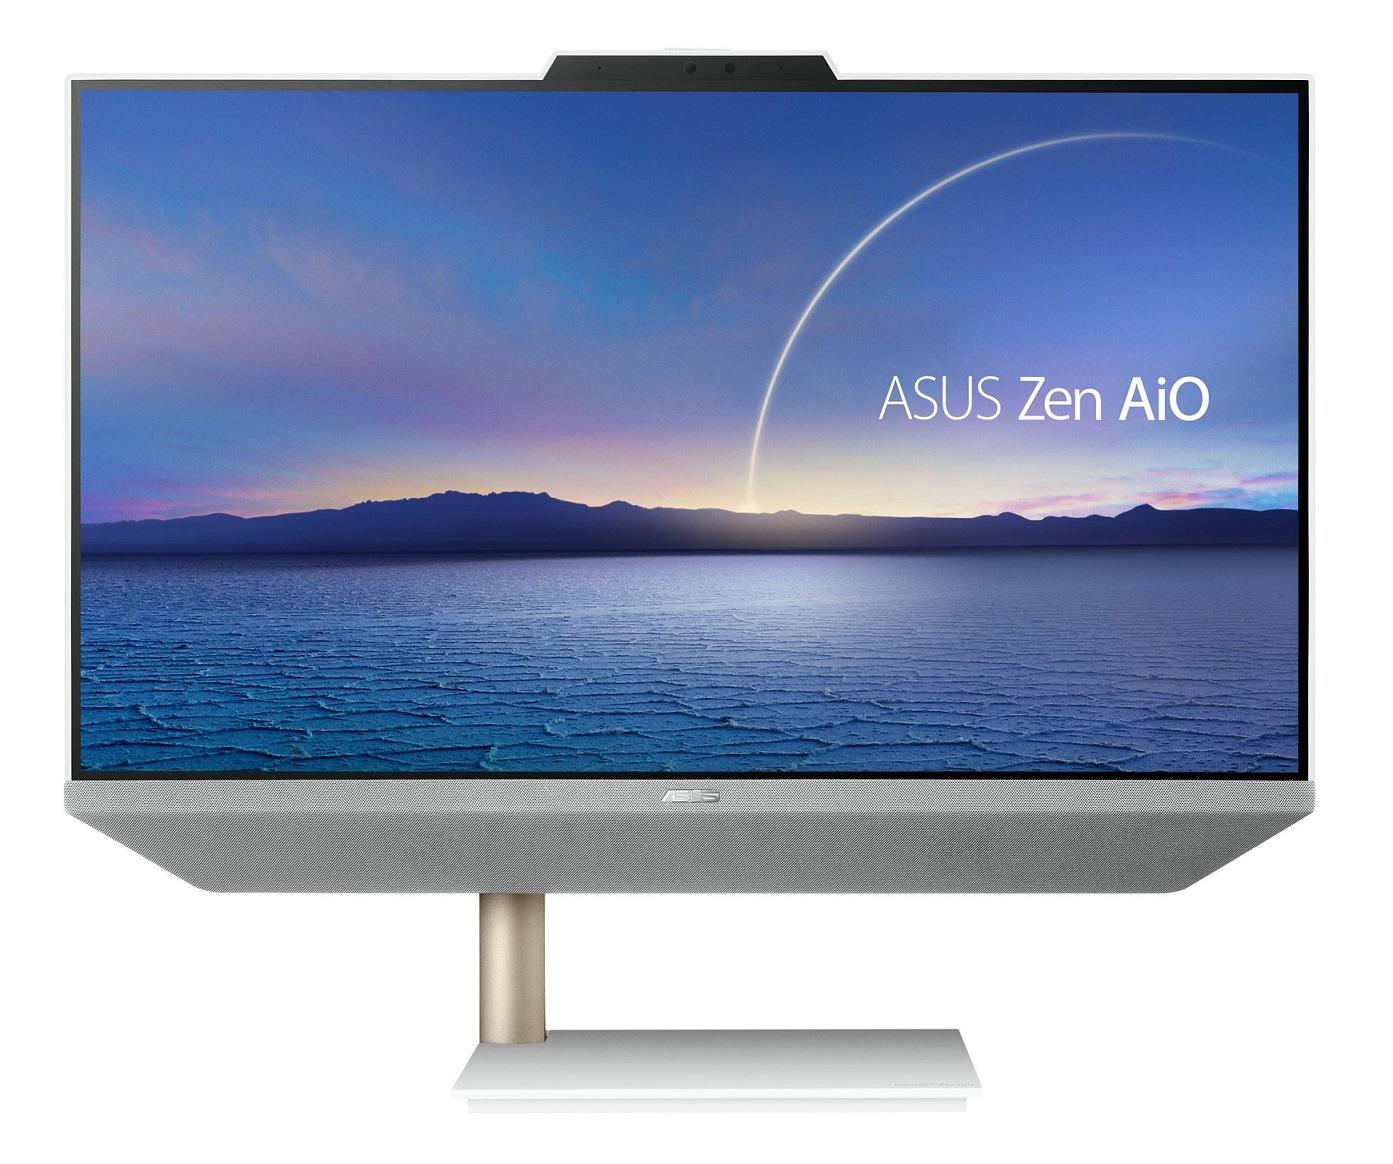 ASUS ZEN AIO A5401/23,8''TOUCH/i5-10500T (6C/12T)/16GB/512GB SSD/WIFI+BT/KL+M/W10H/White/2Y PUR - A5401WRAT-WA009T